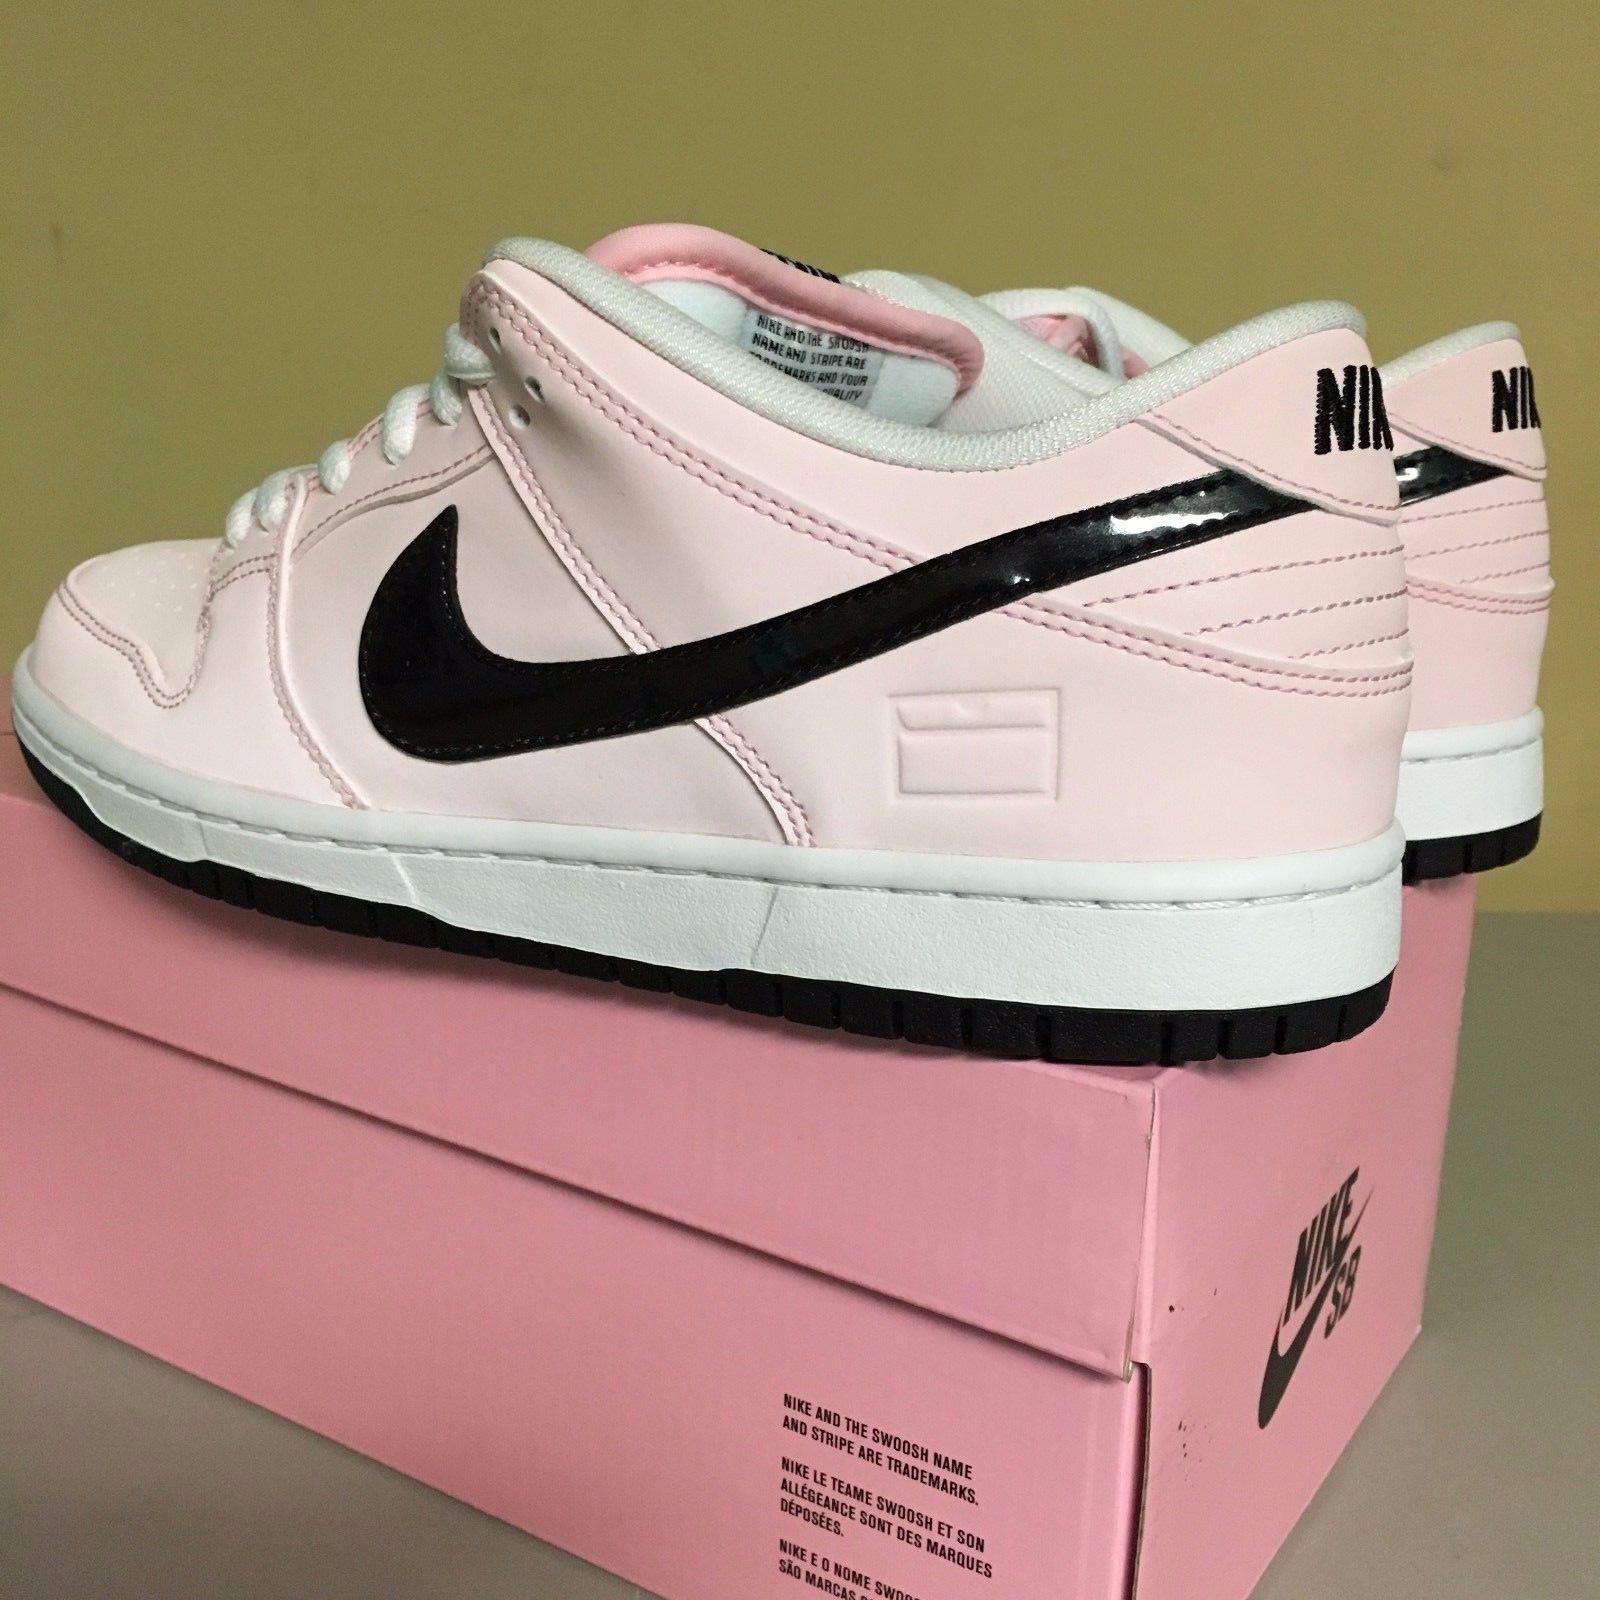 62bc912f620 nike-sb-dunk-low-elite-pink-box-833474-601-5 – Housakicks